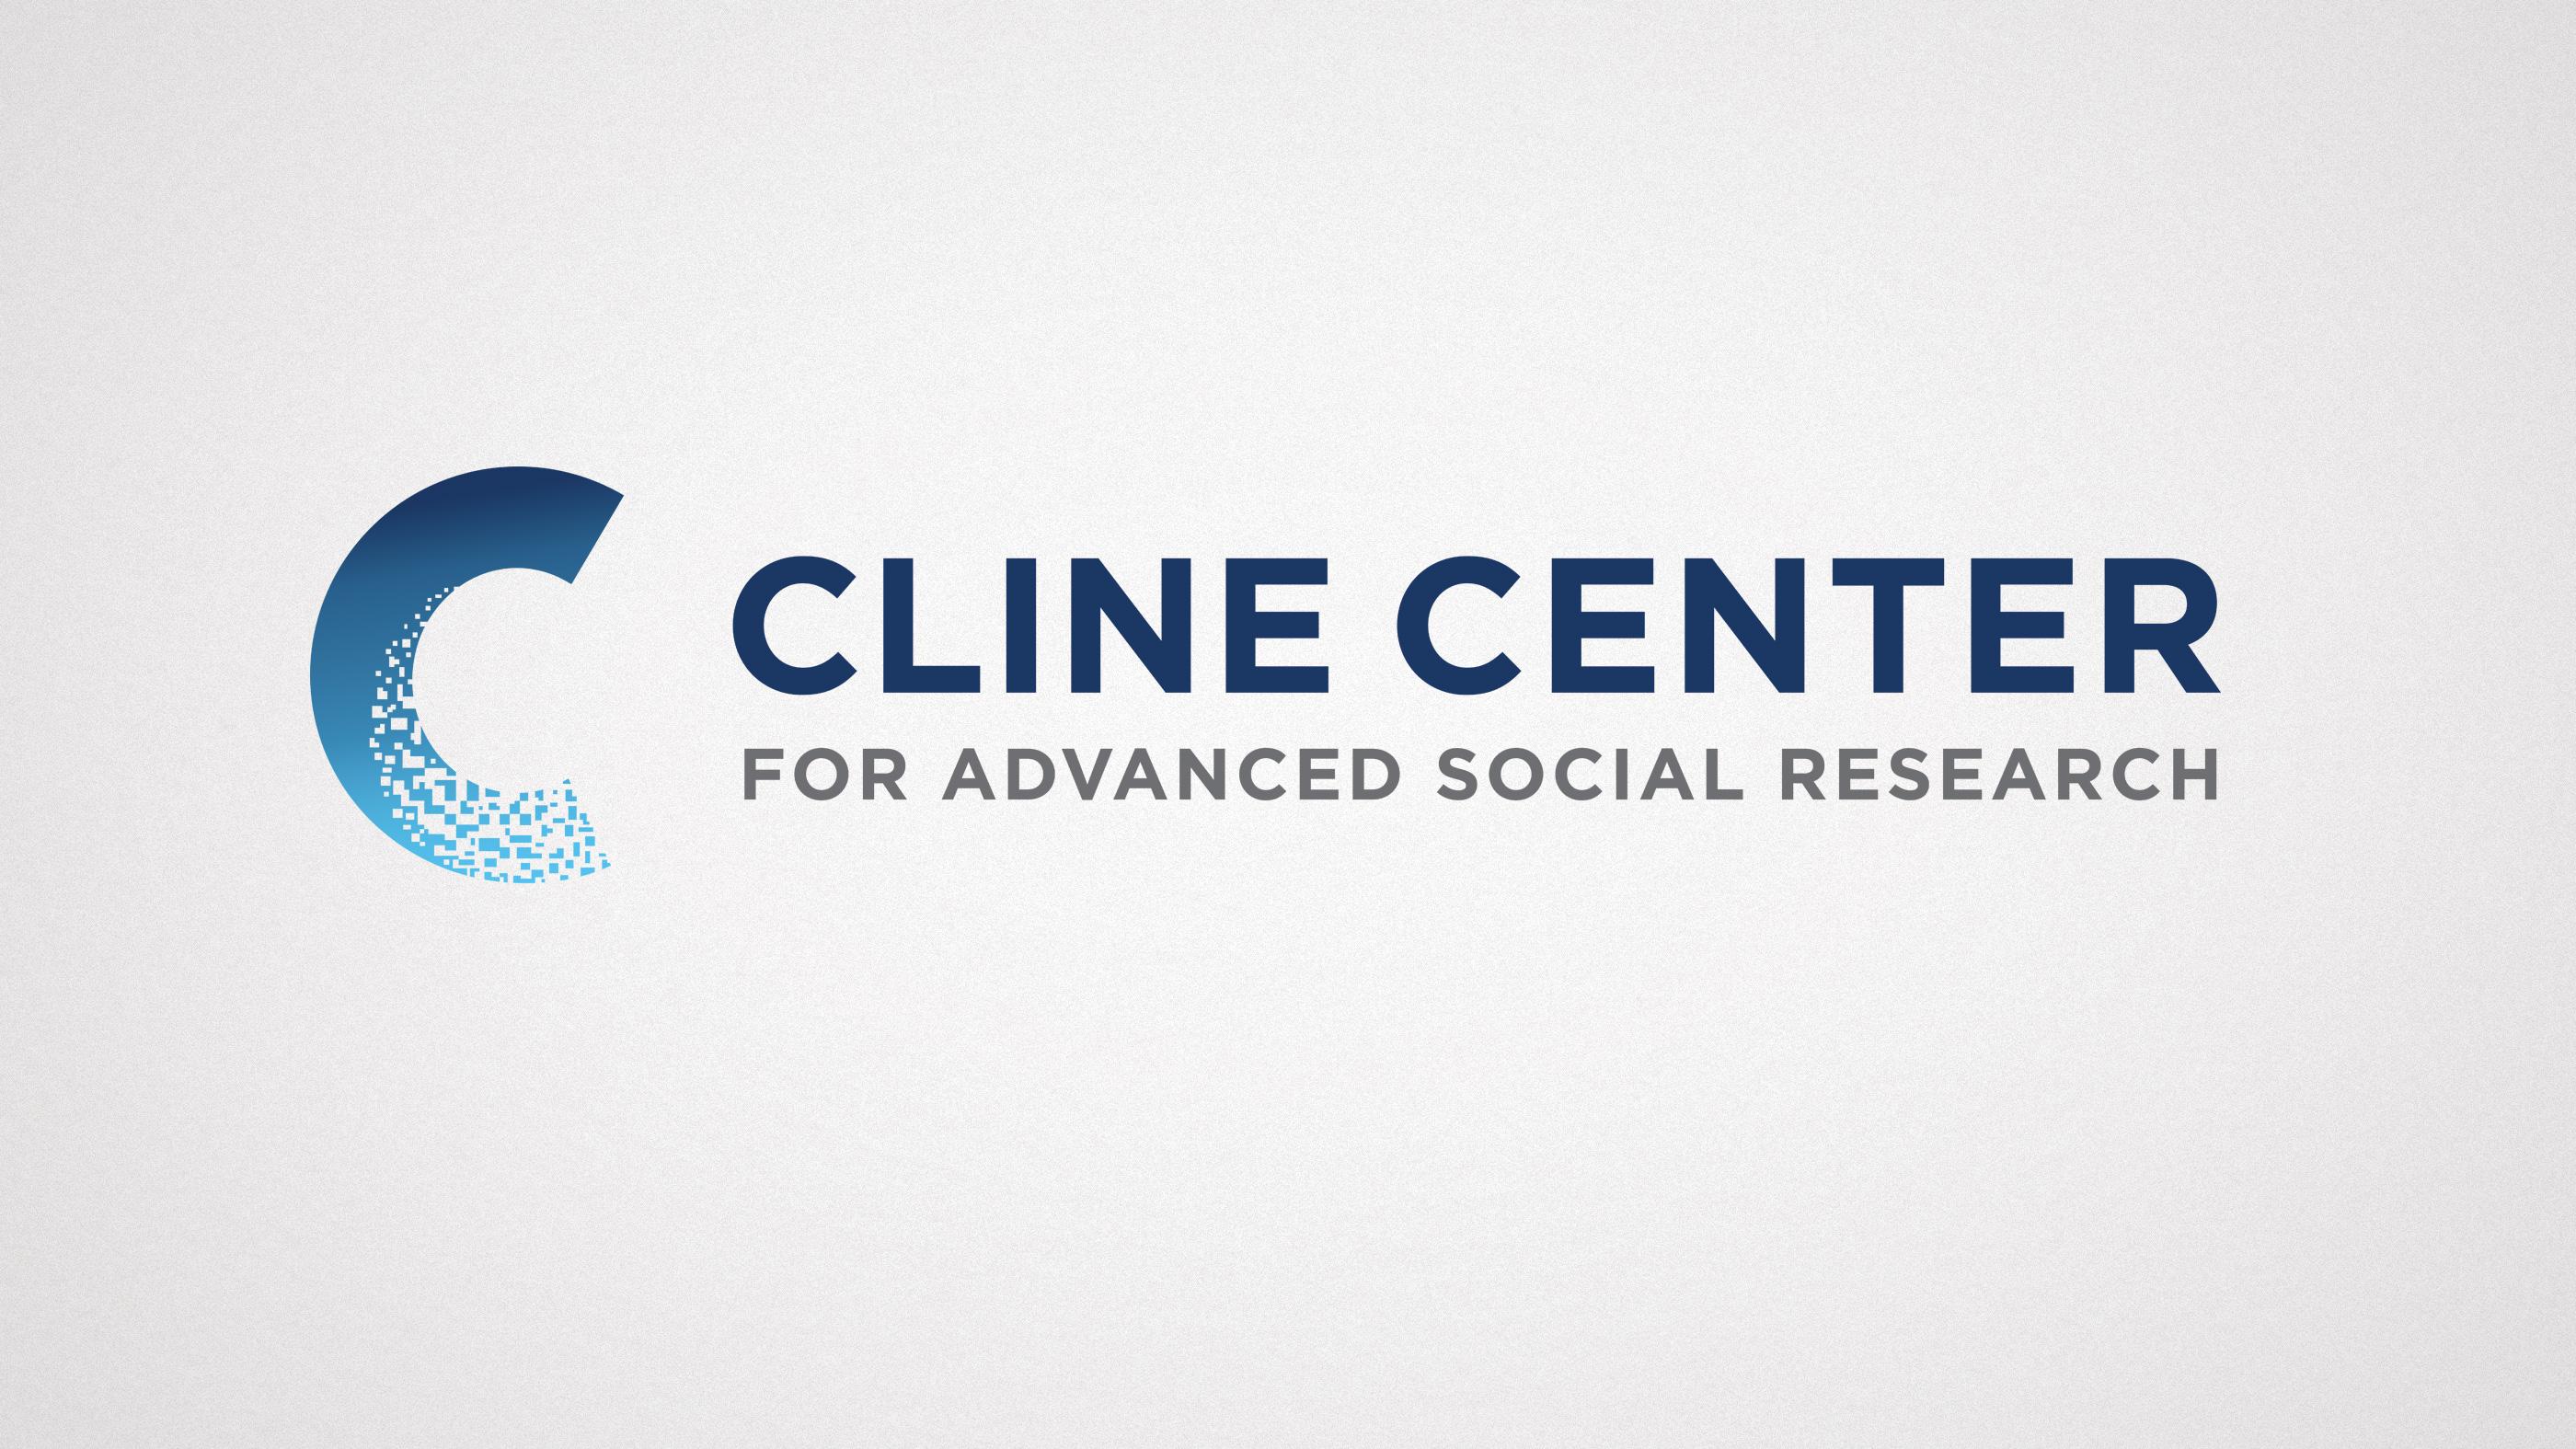 Cline Center logo